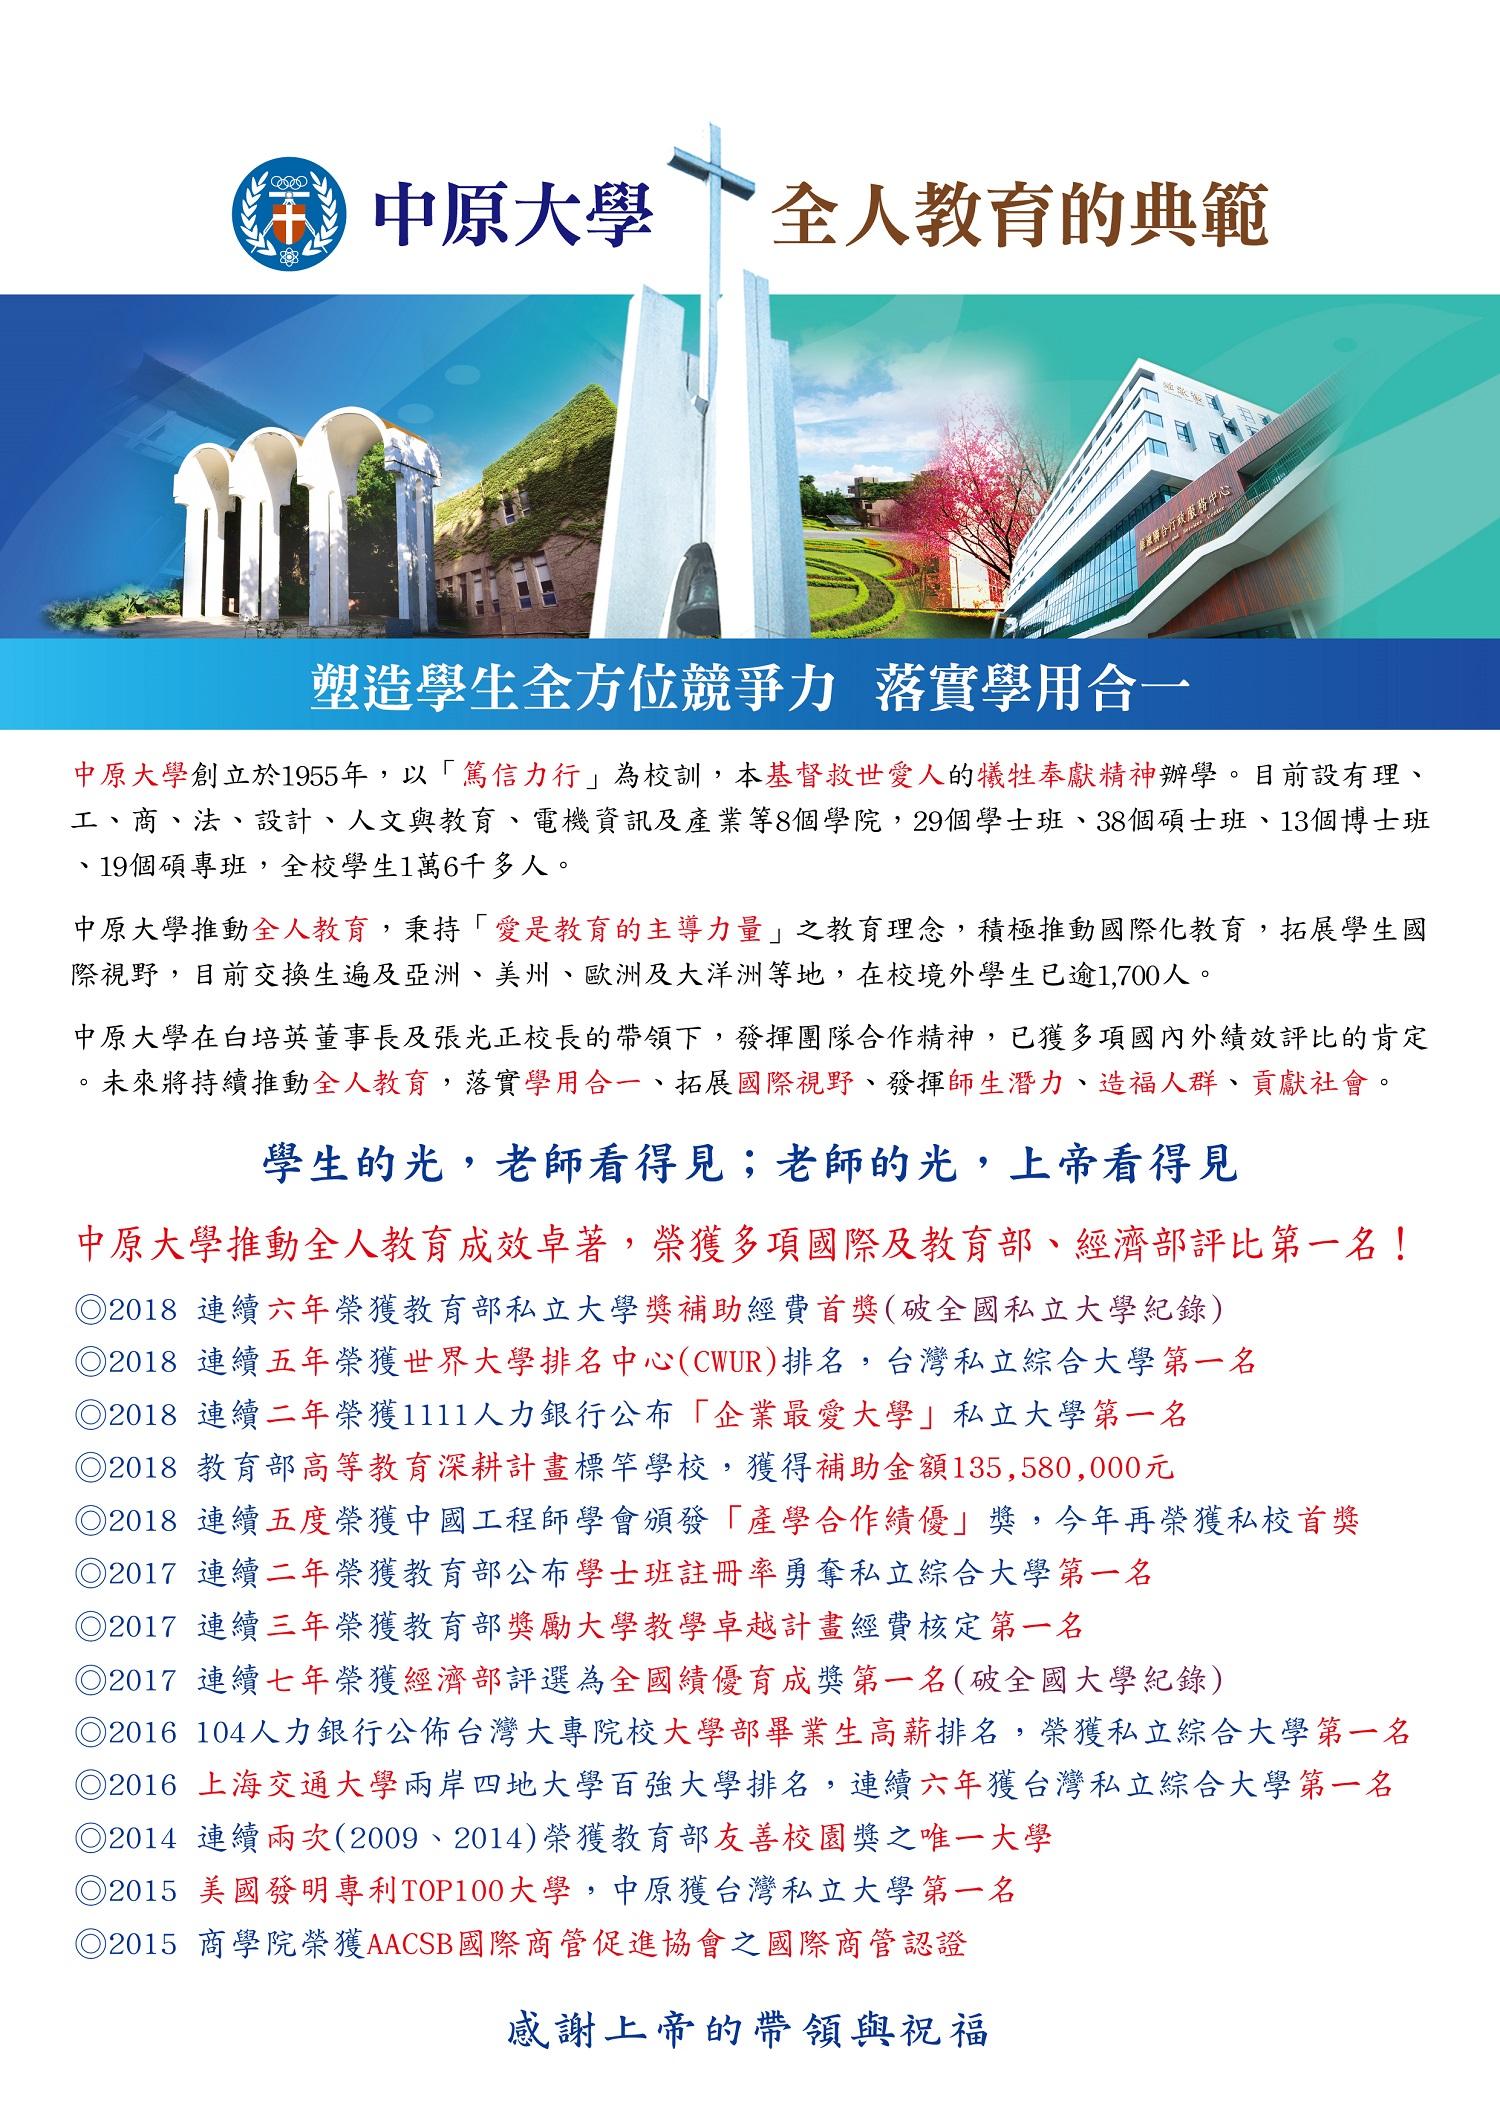 20180620十三榮譽-01.jpg